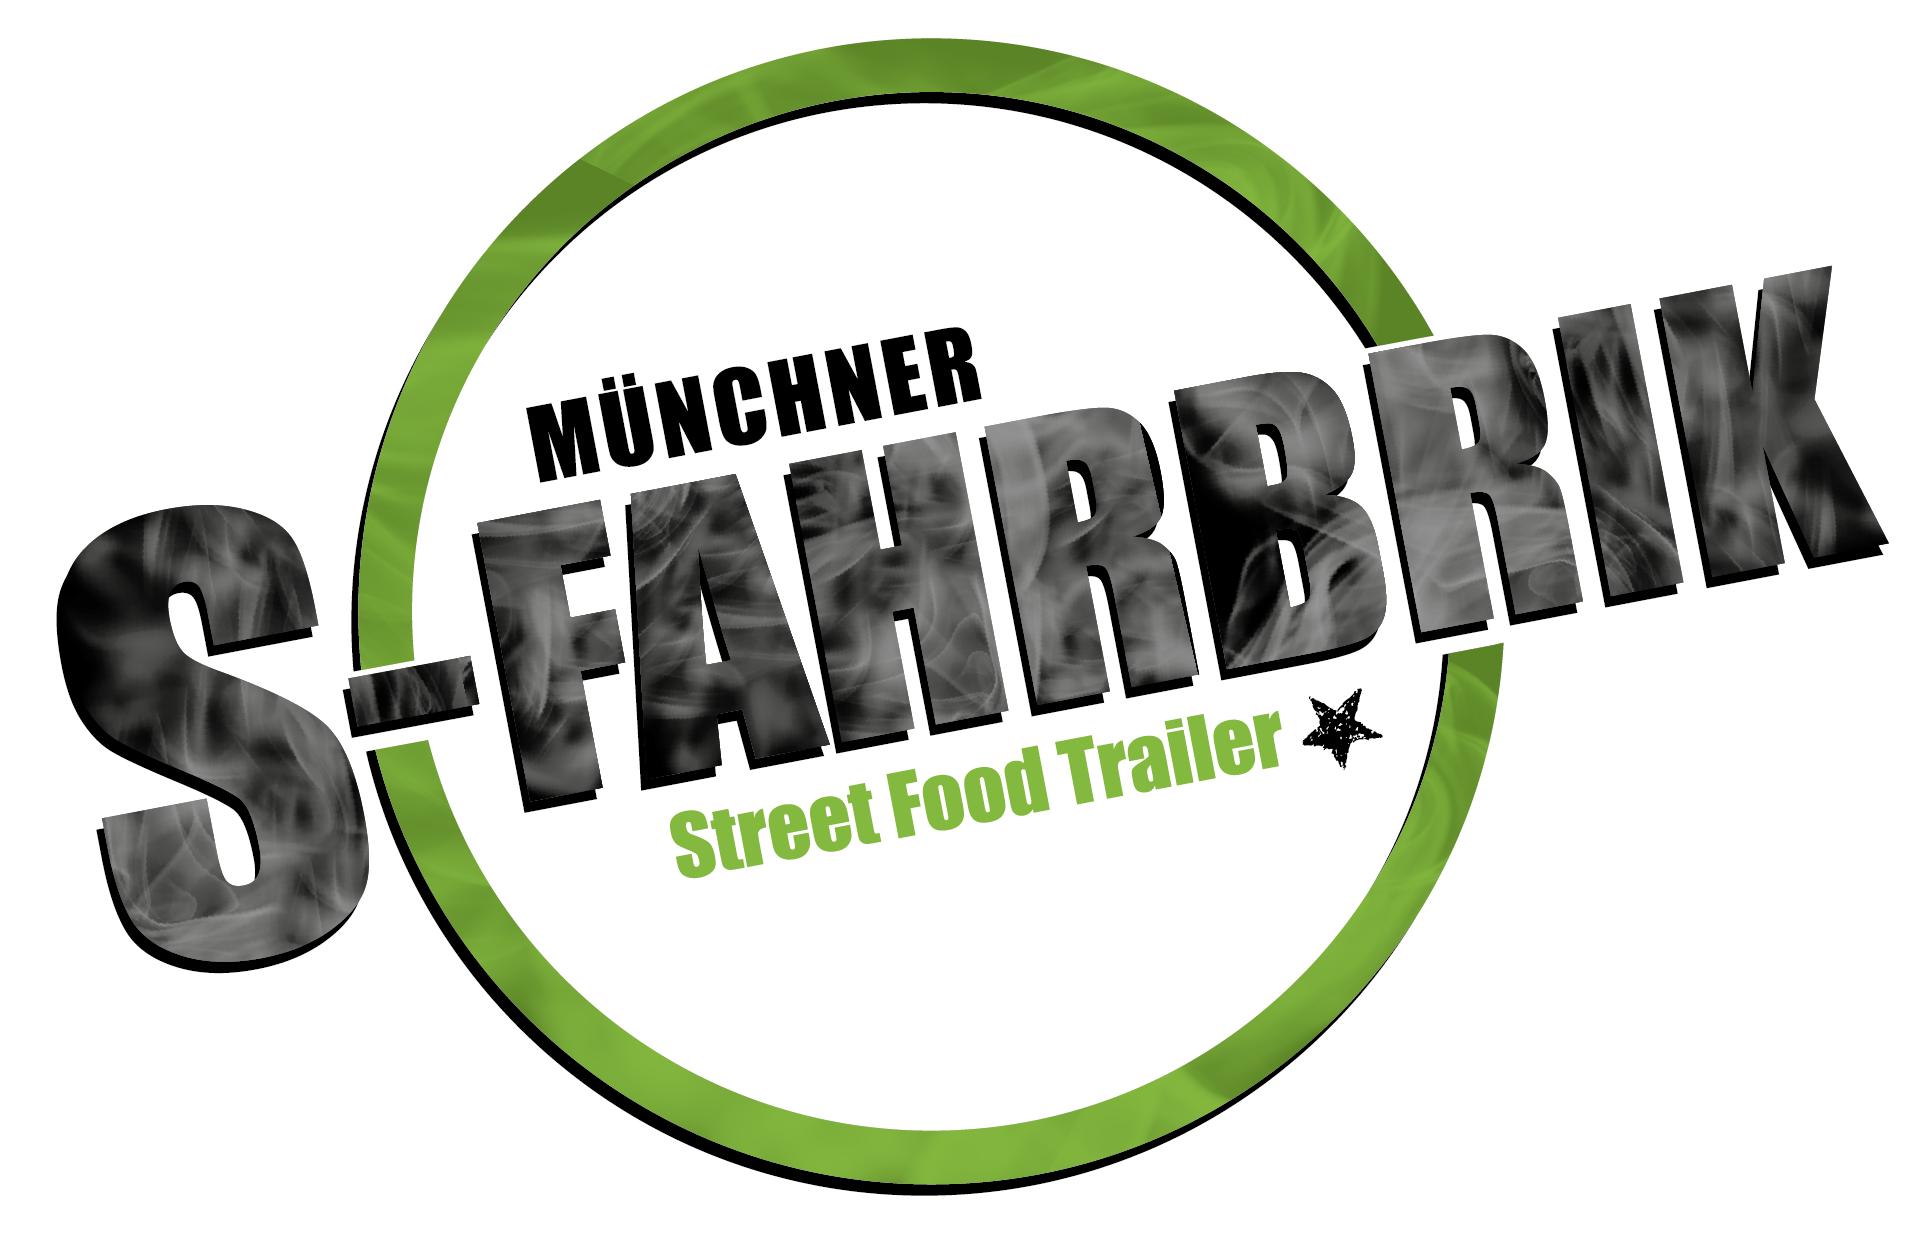 Münchner S-Fahrbrik - Street Food Catering Logo